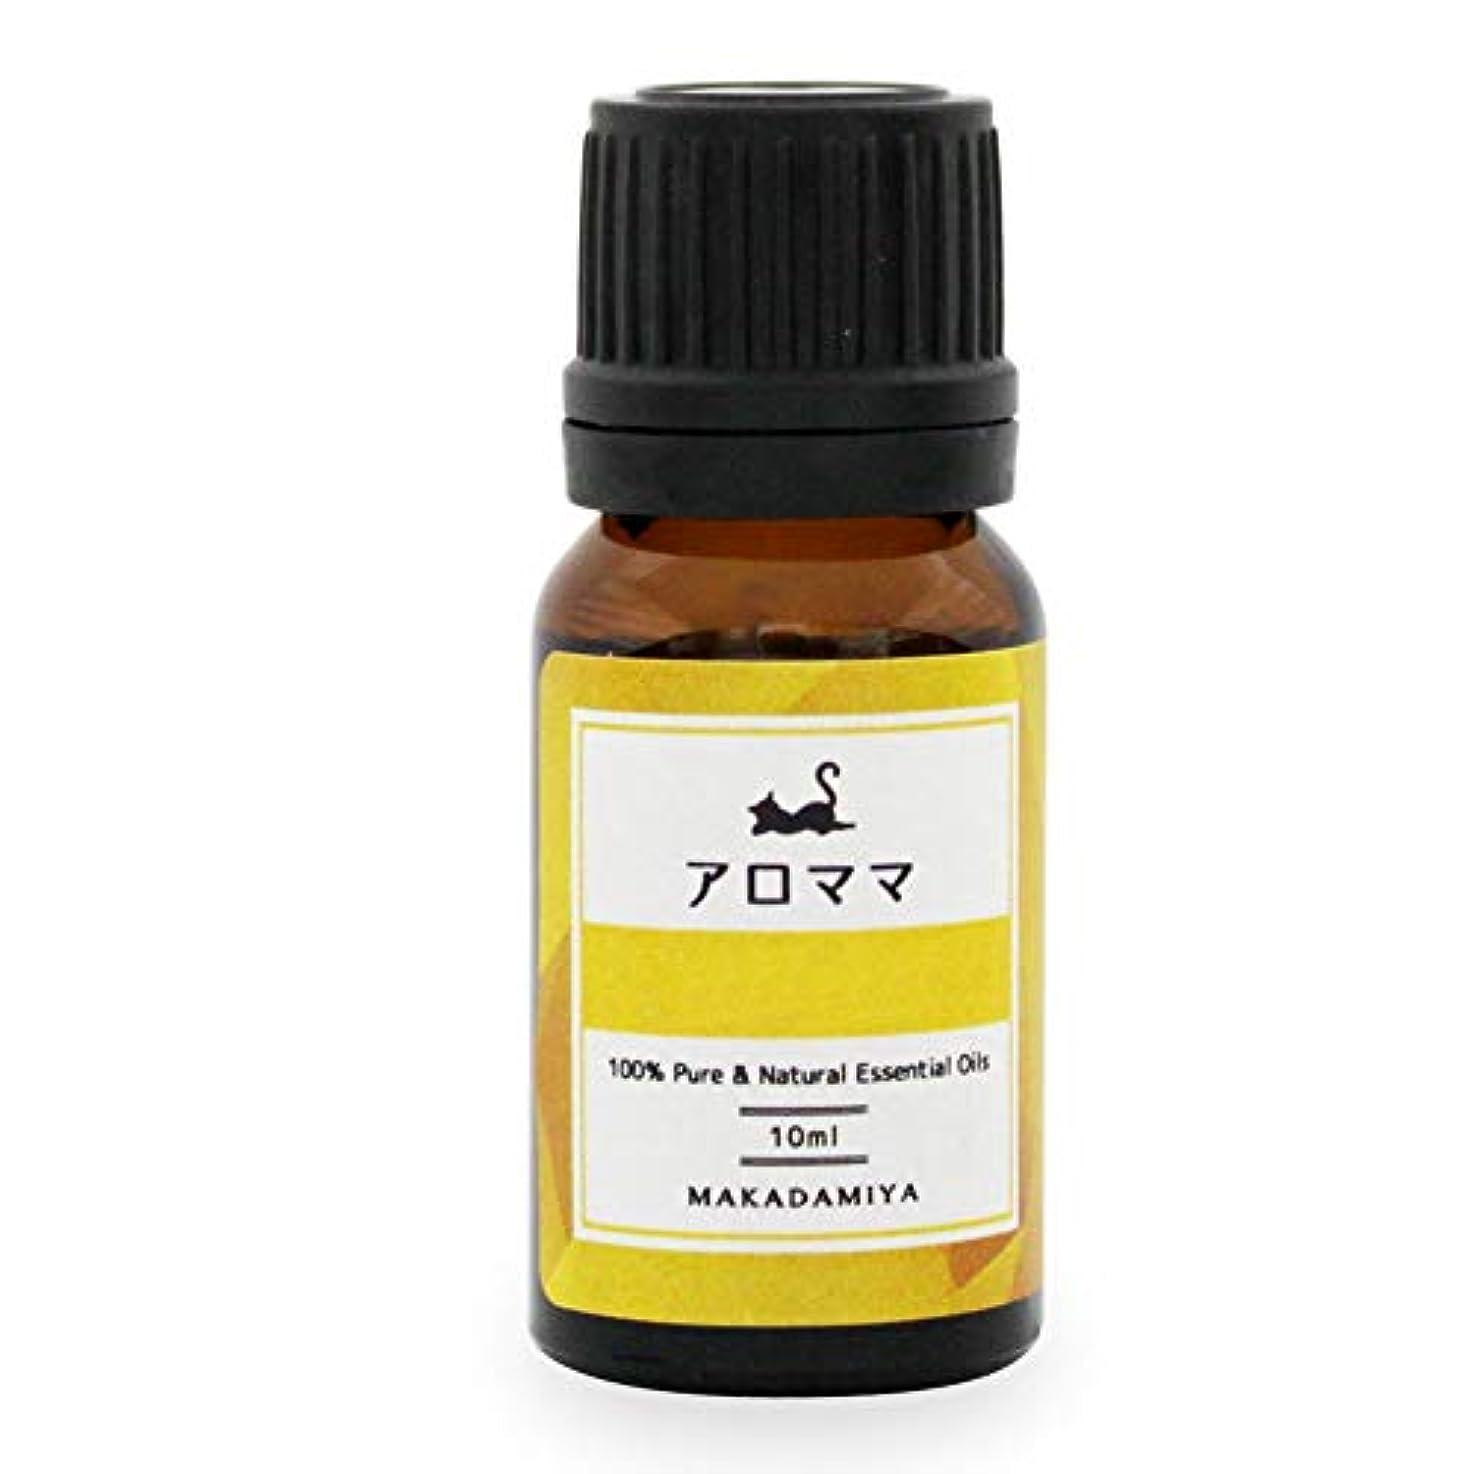 救出おびえた指令妊活用アロマ10ml 妊活中の女性の為に特別な香りで癒す。 アロママ